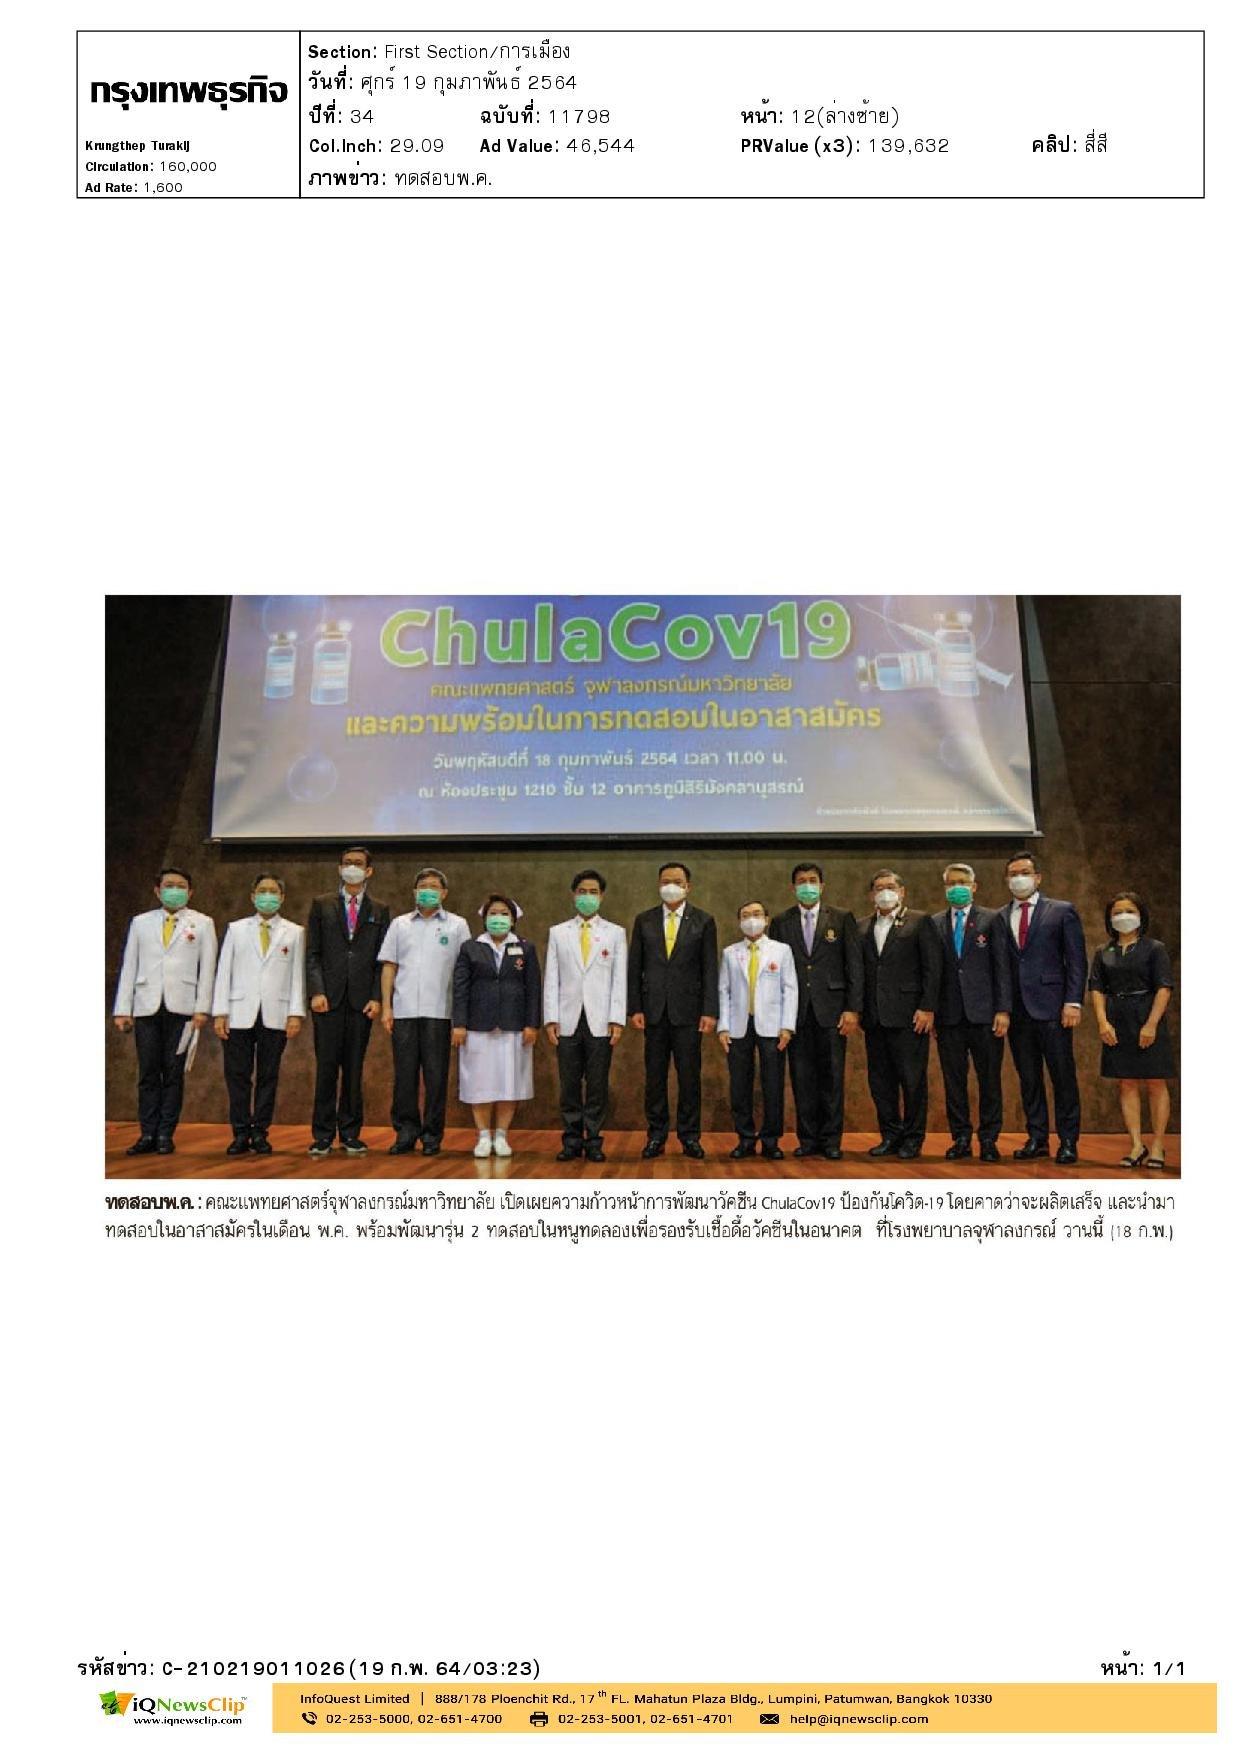 รพ.จุฬาฯ แถลงข่าวความก้าวหน้าล่าสุดของการพัฒนาวัคซีน ChulaCov19